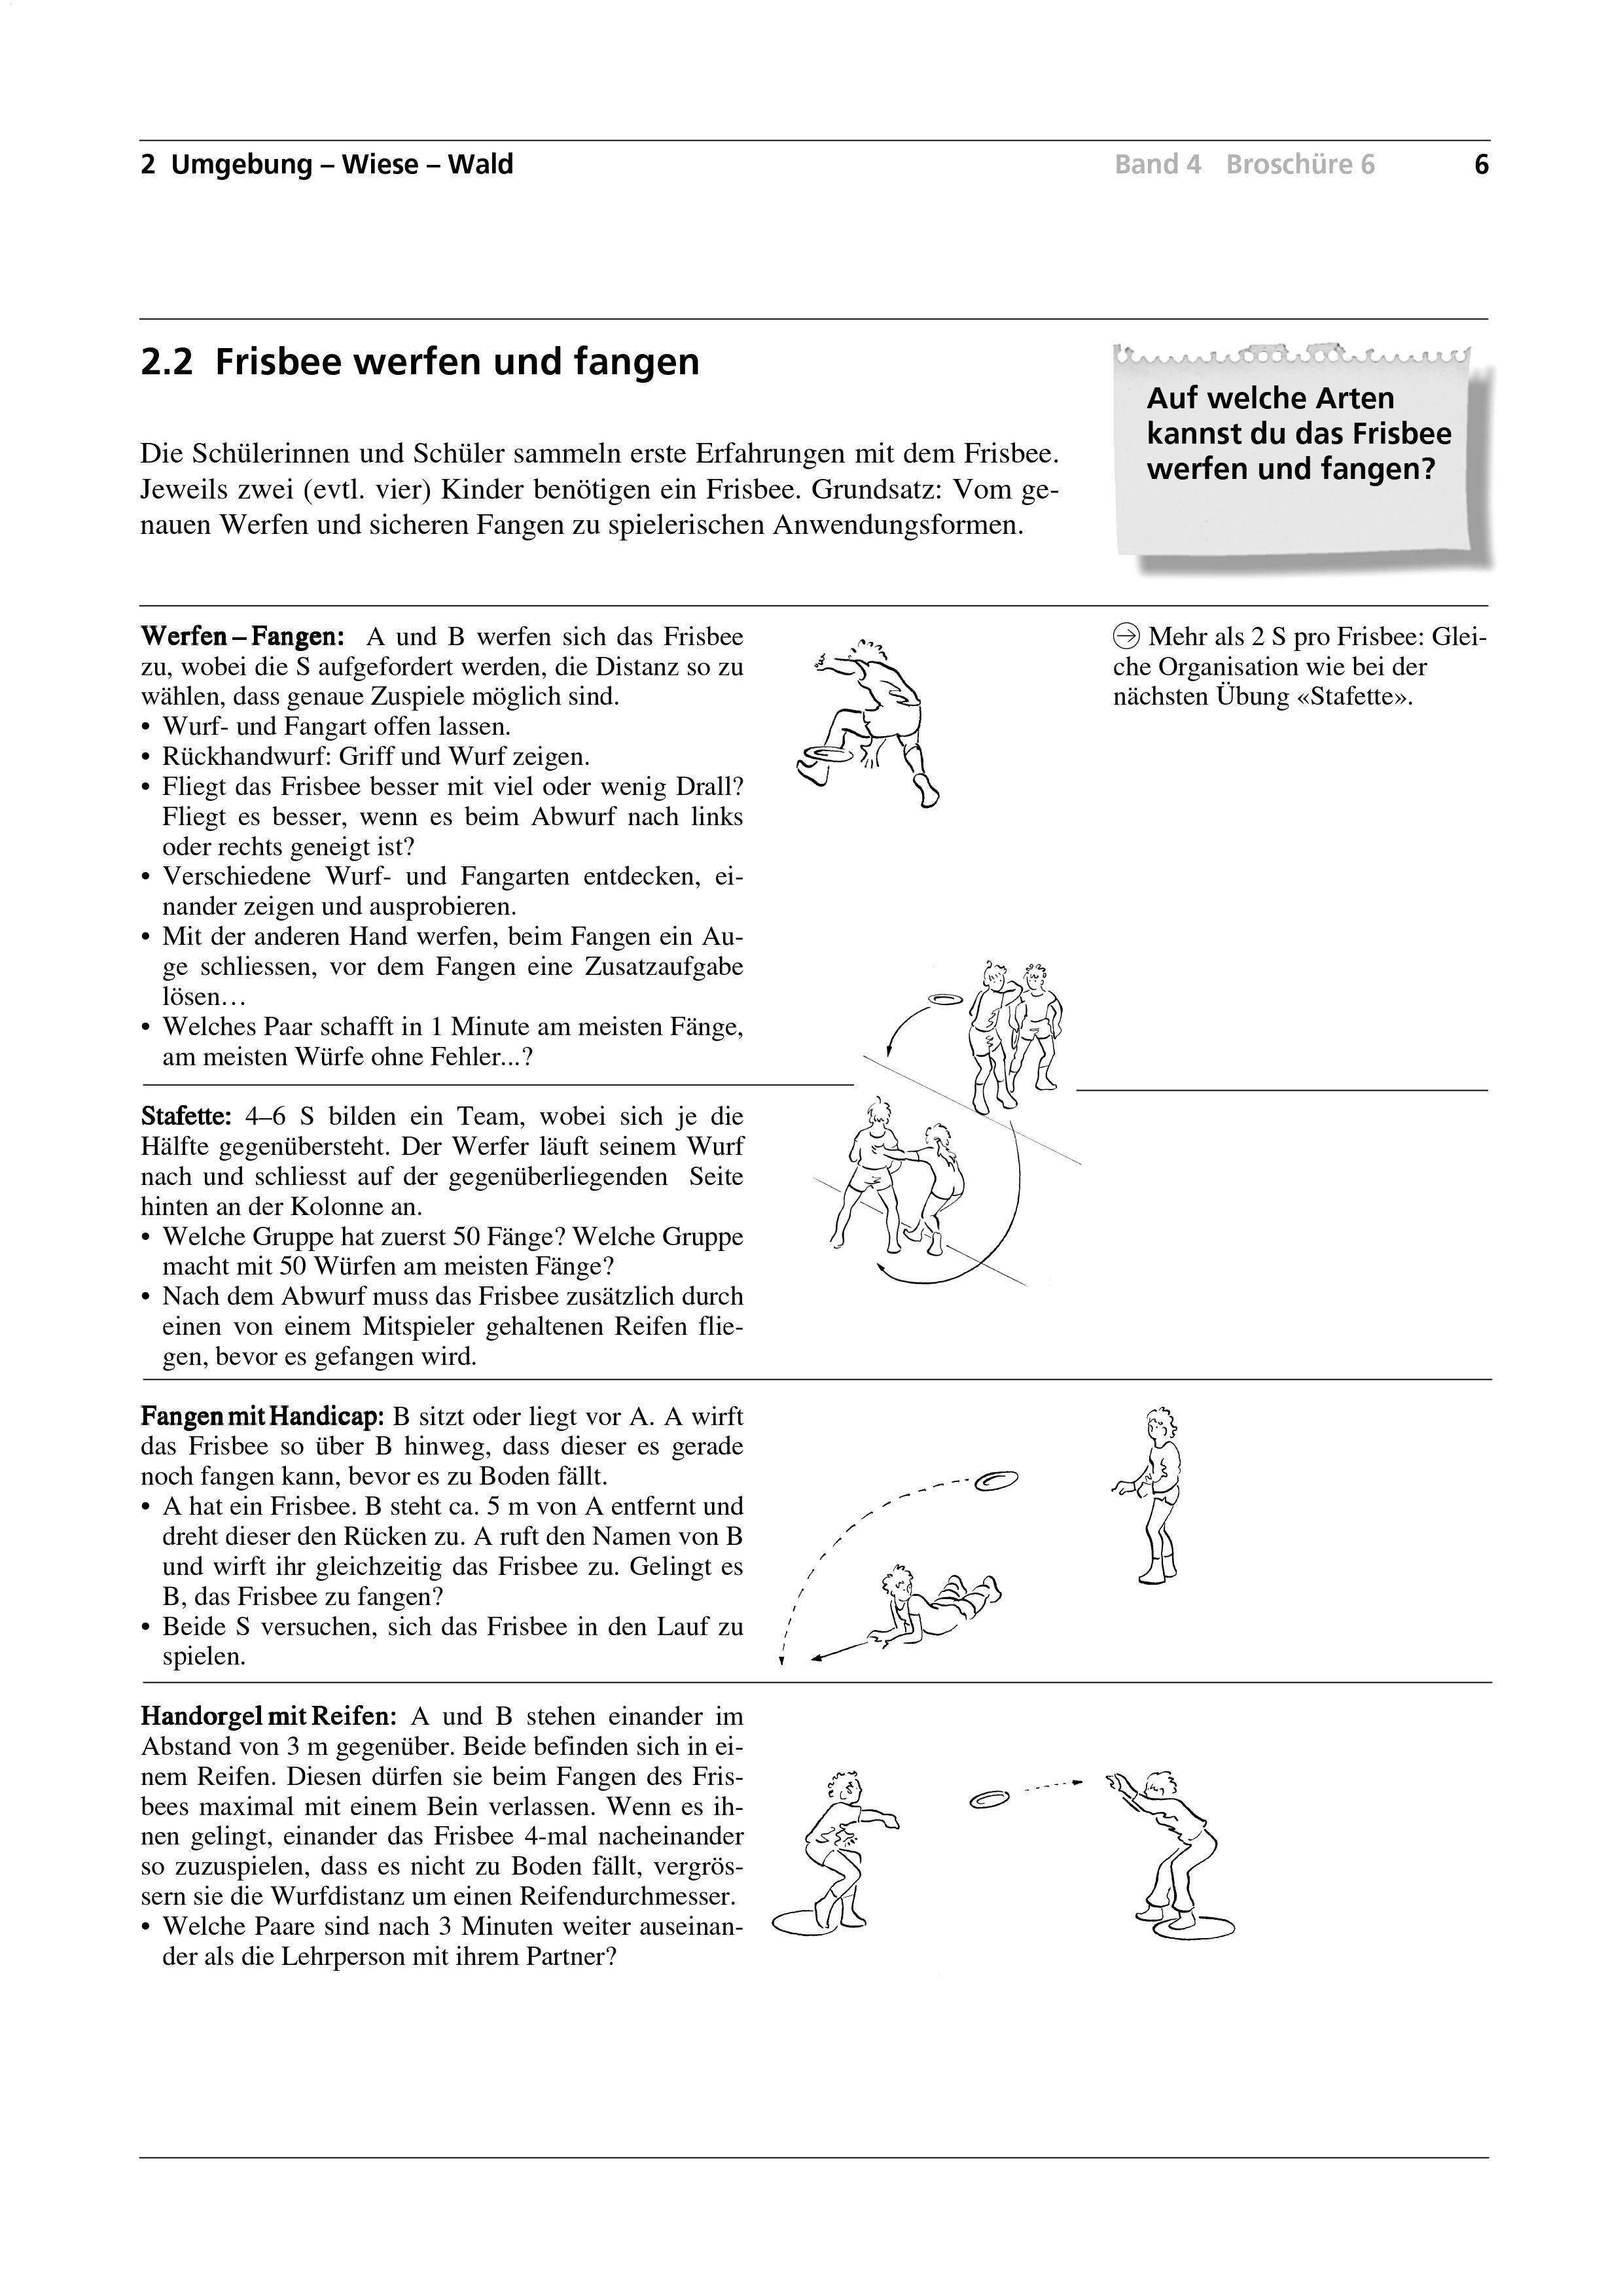 Preview image for LOM object Frisbee werfen und fangen